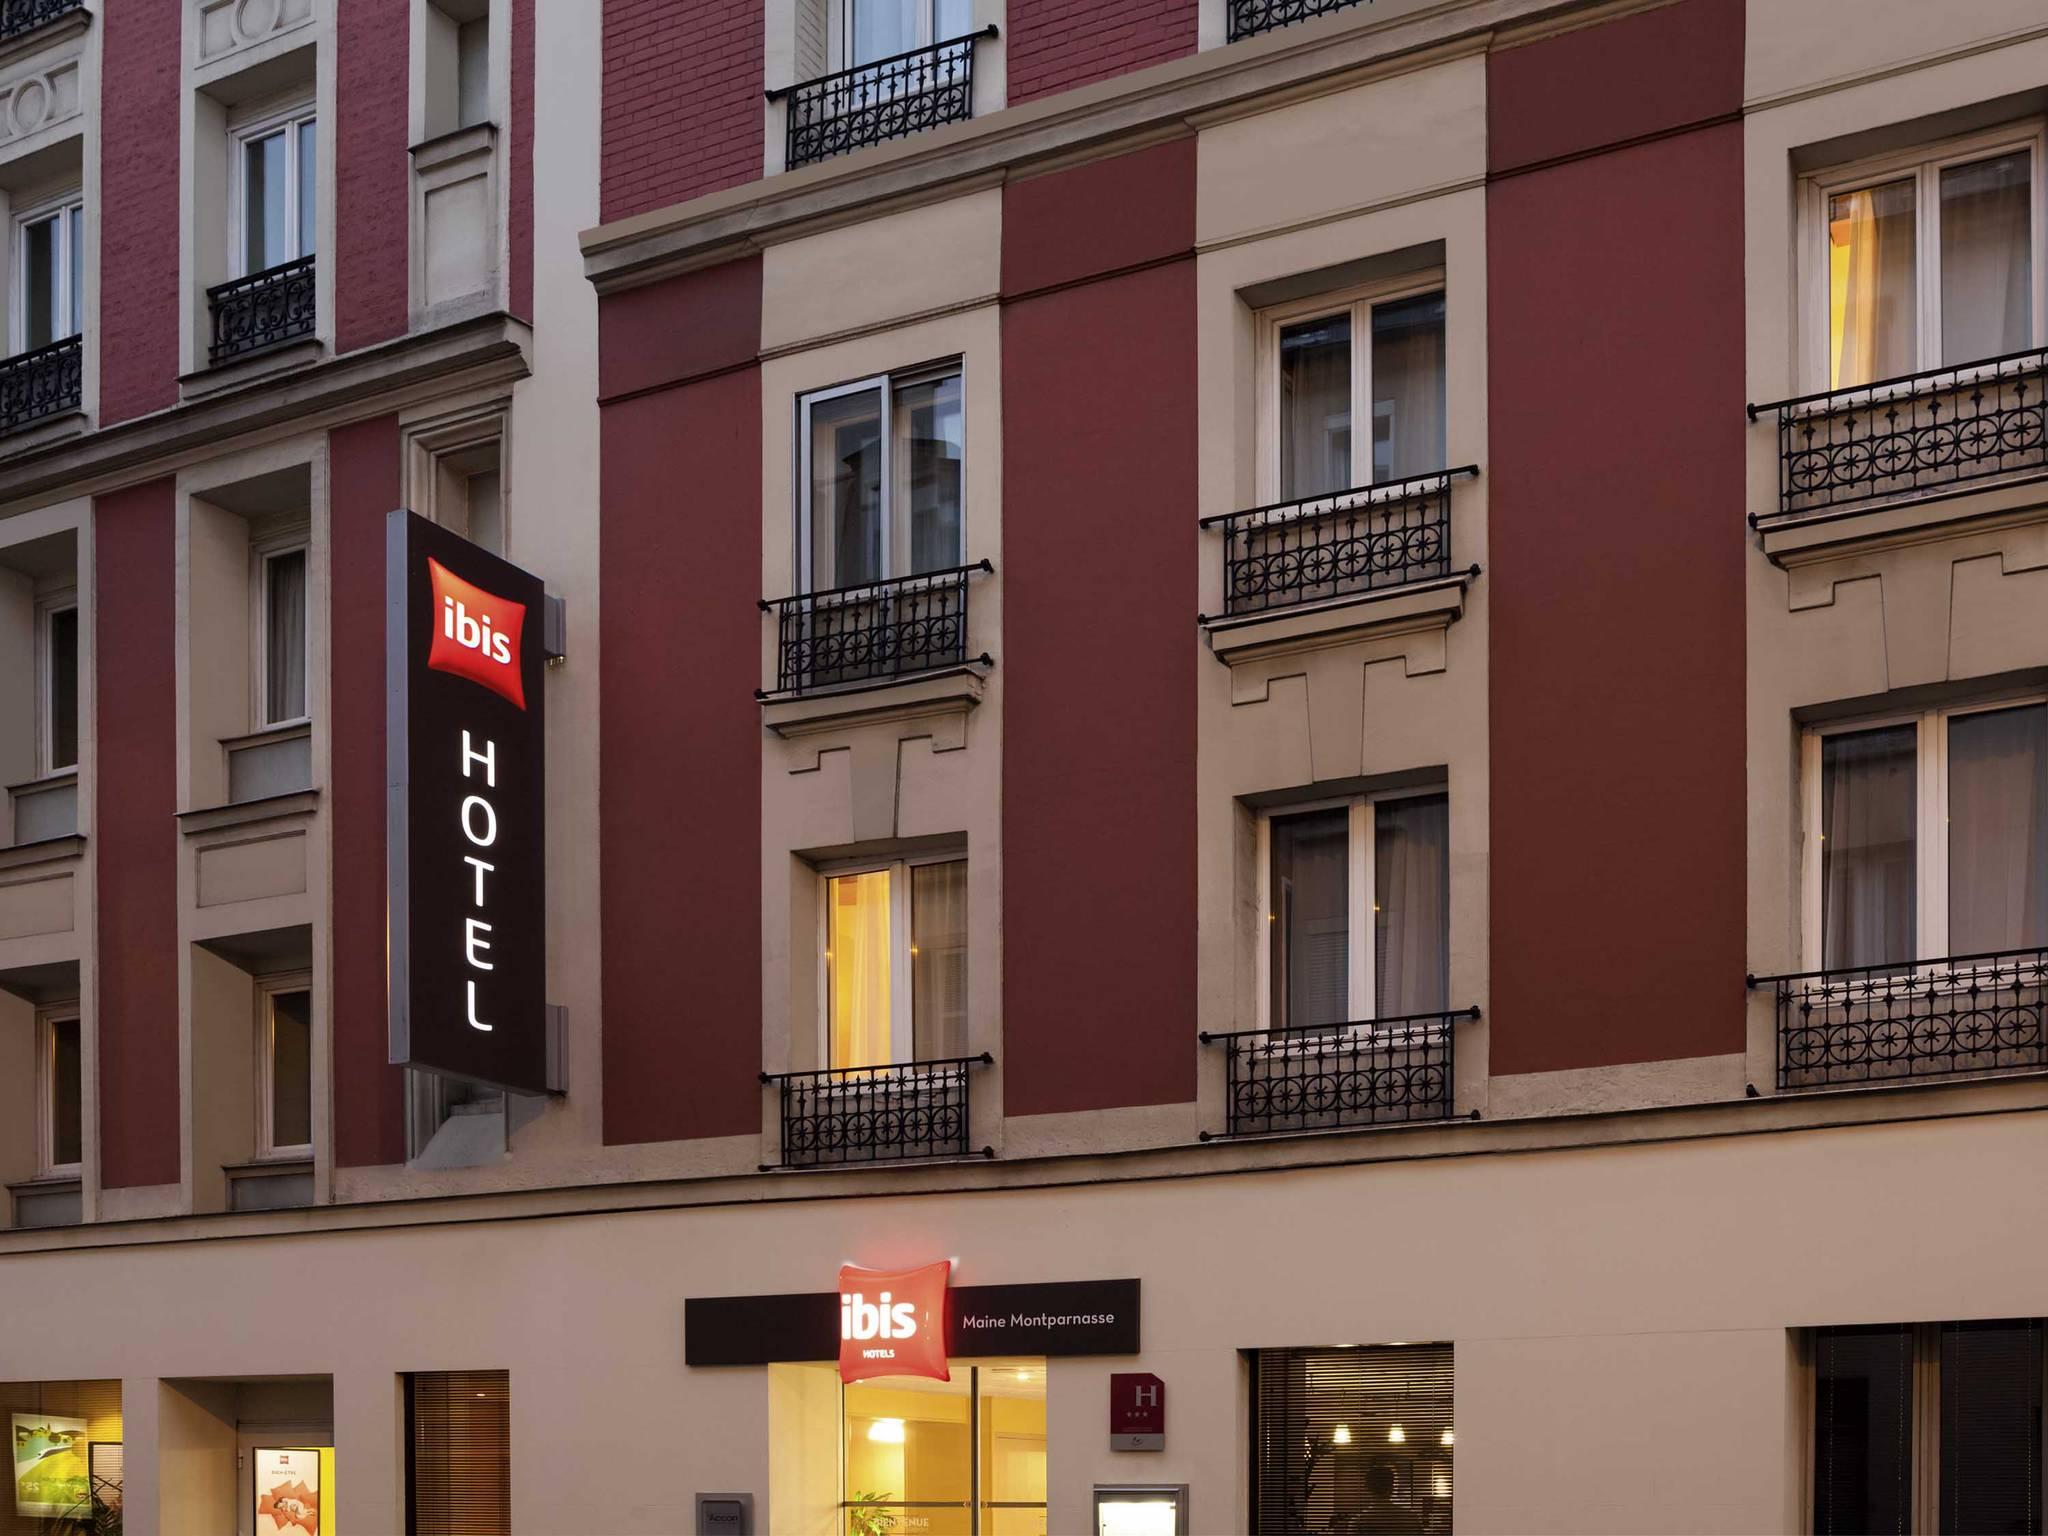 Hotel – ibis Parijs Maine Montparnasse 14ème